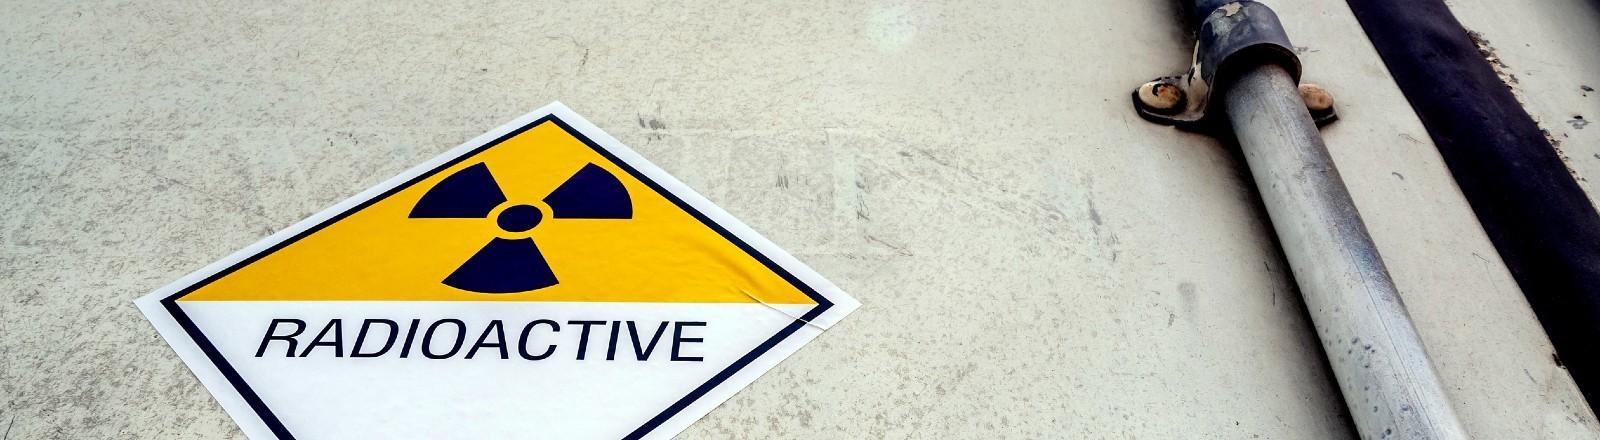 Ein Schild mit Warnhinweis auf Radioaktivität